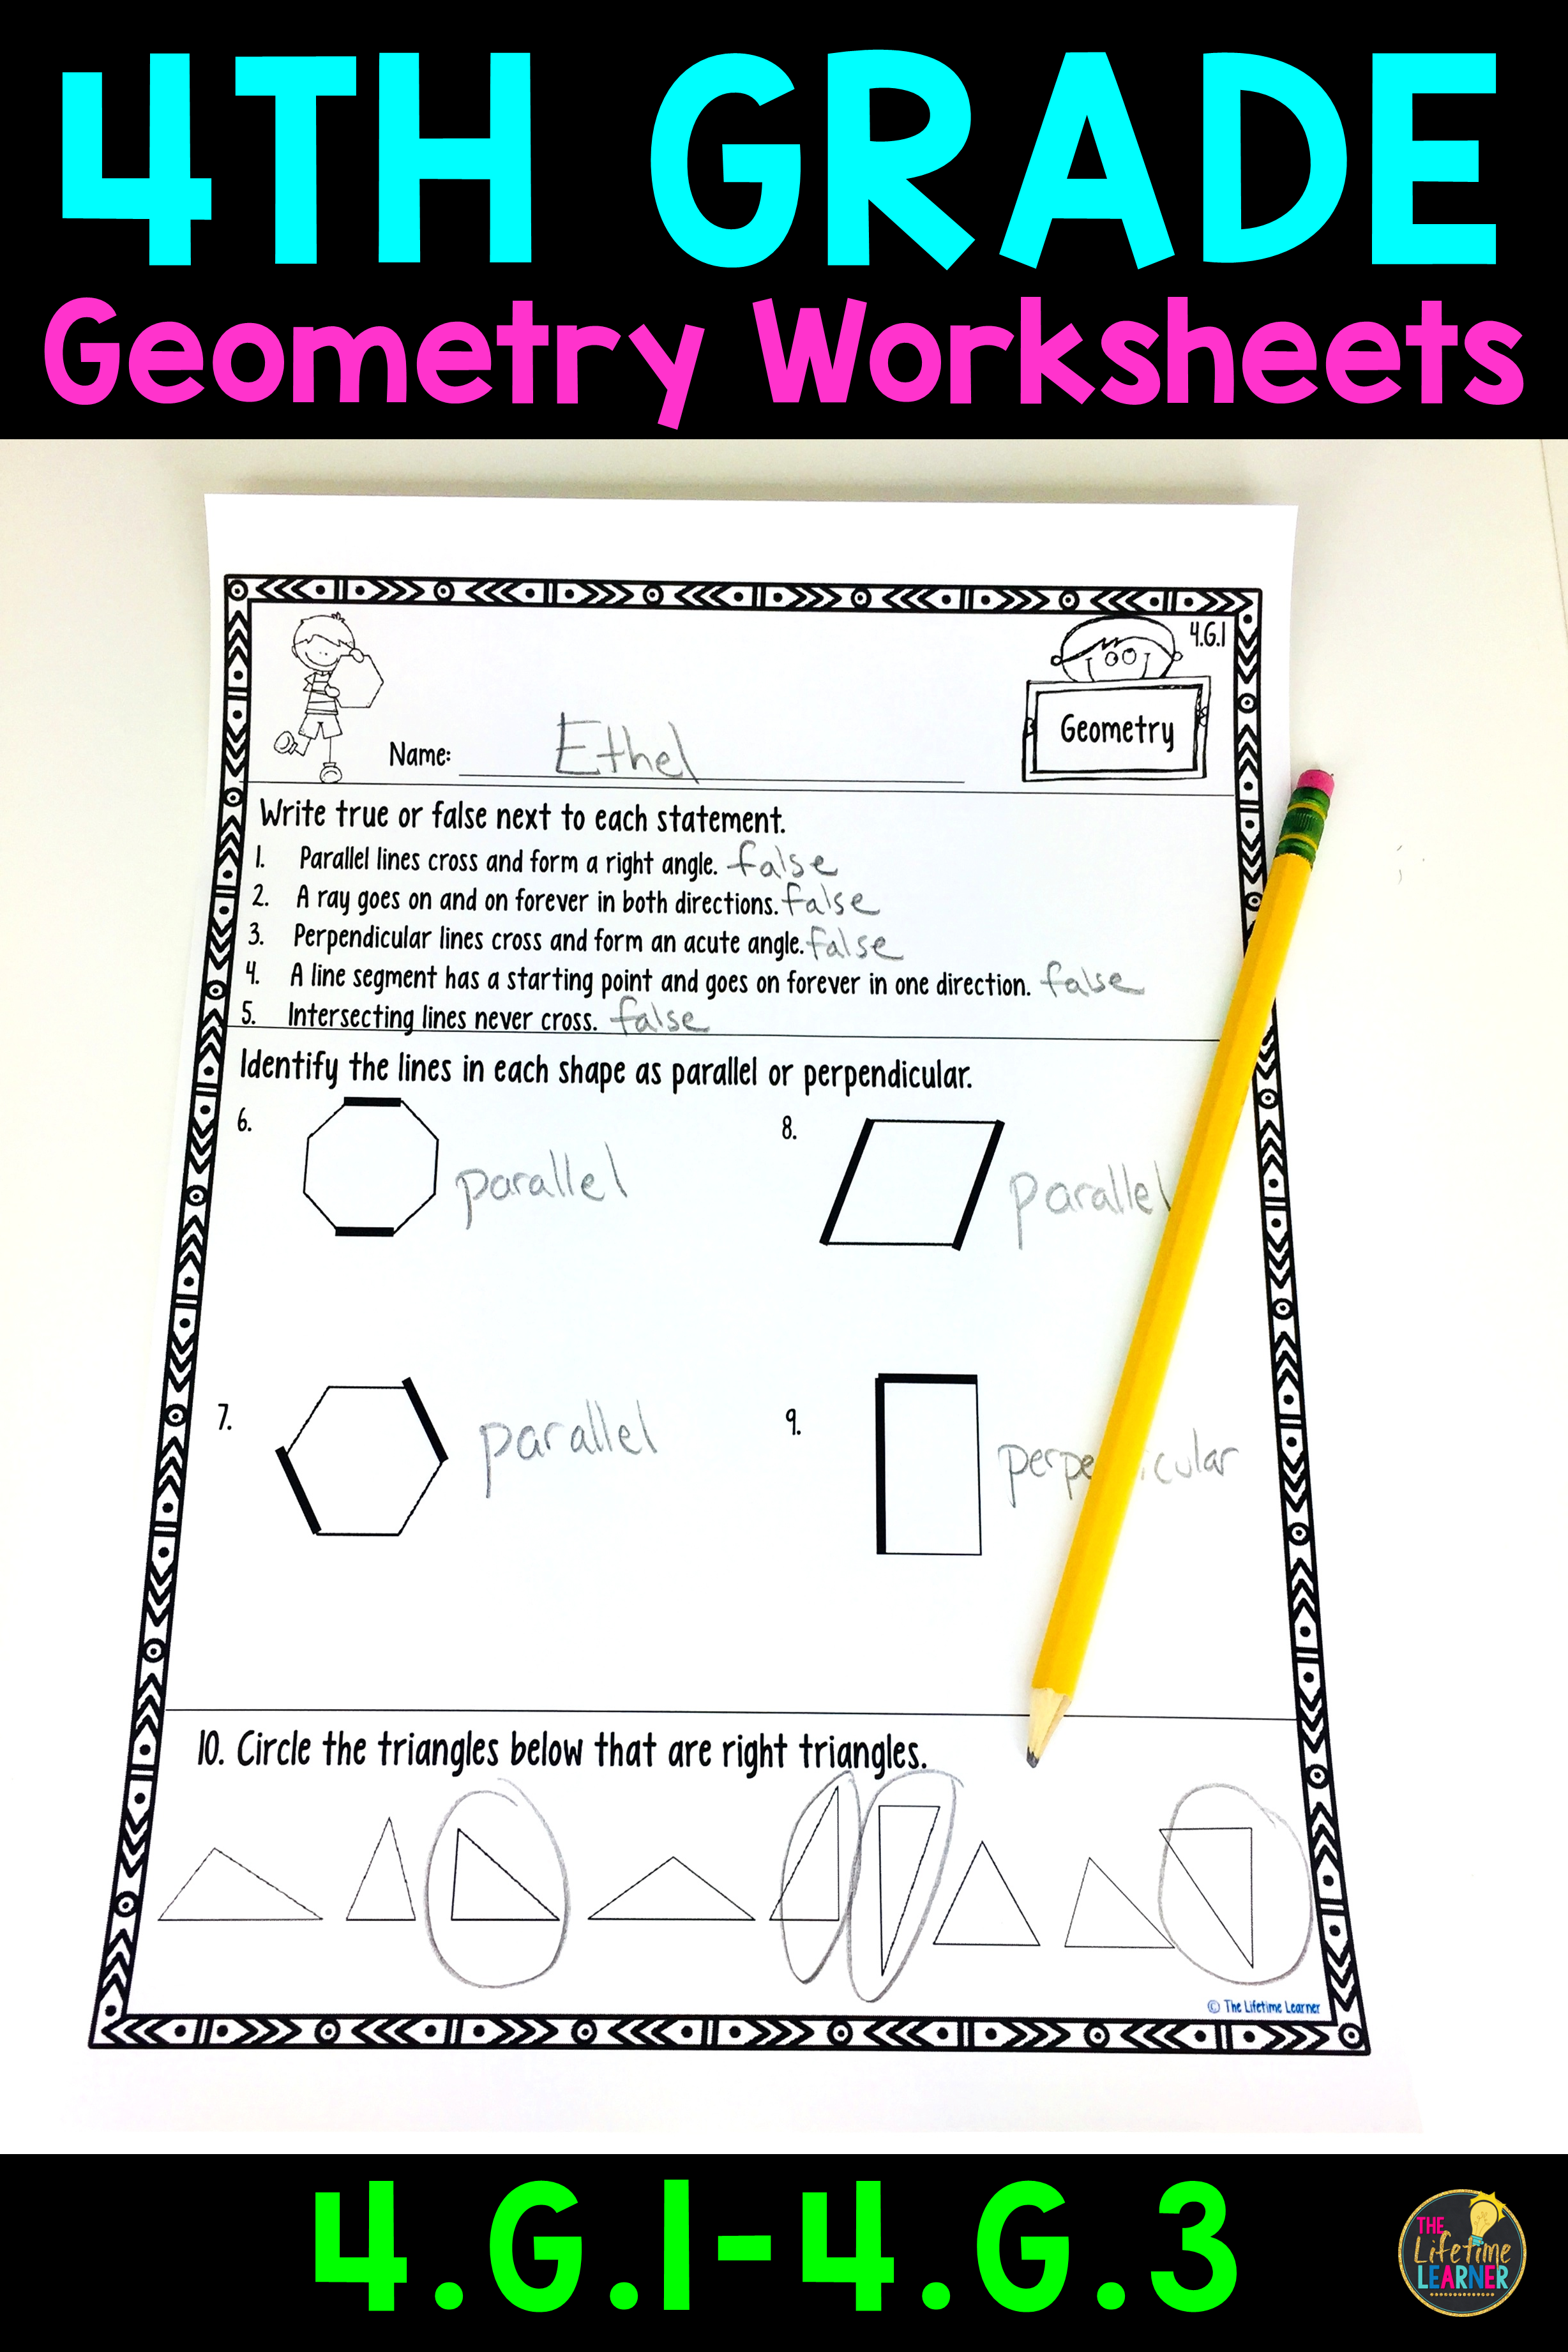 4th Grade Geometry Worksheets   Geometry worksheets [ 3684 x 2456 Pixel ]